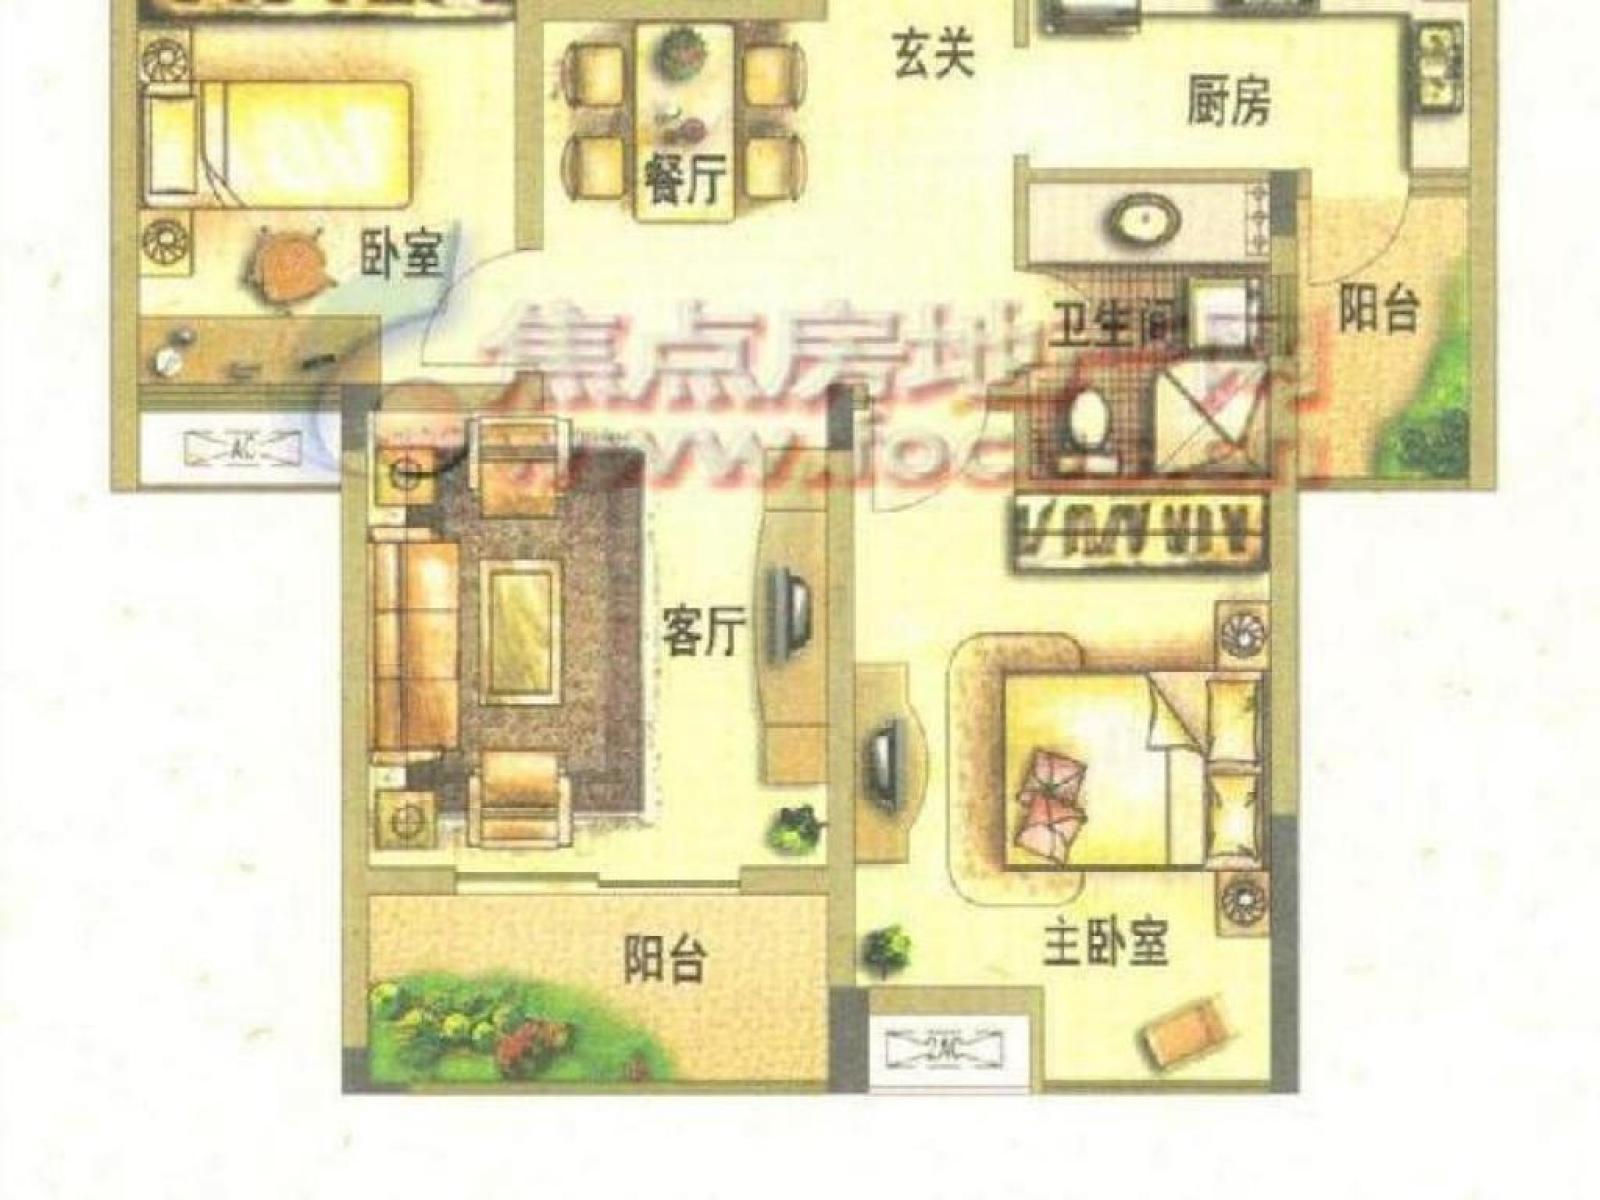 栖霞区迈皋桥中电颐和家园2室1厅户型图